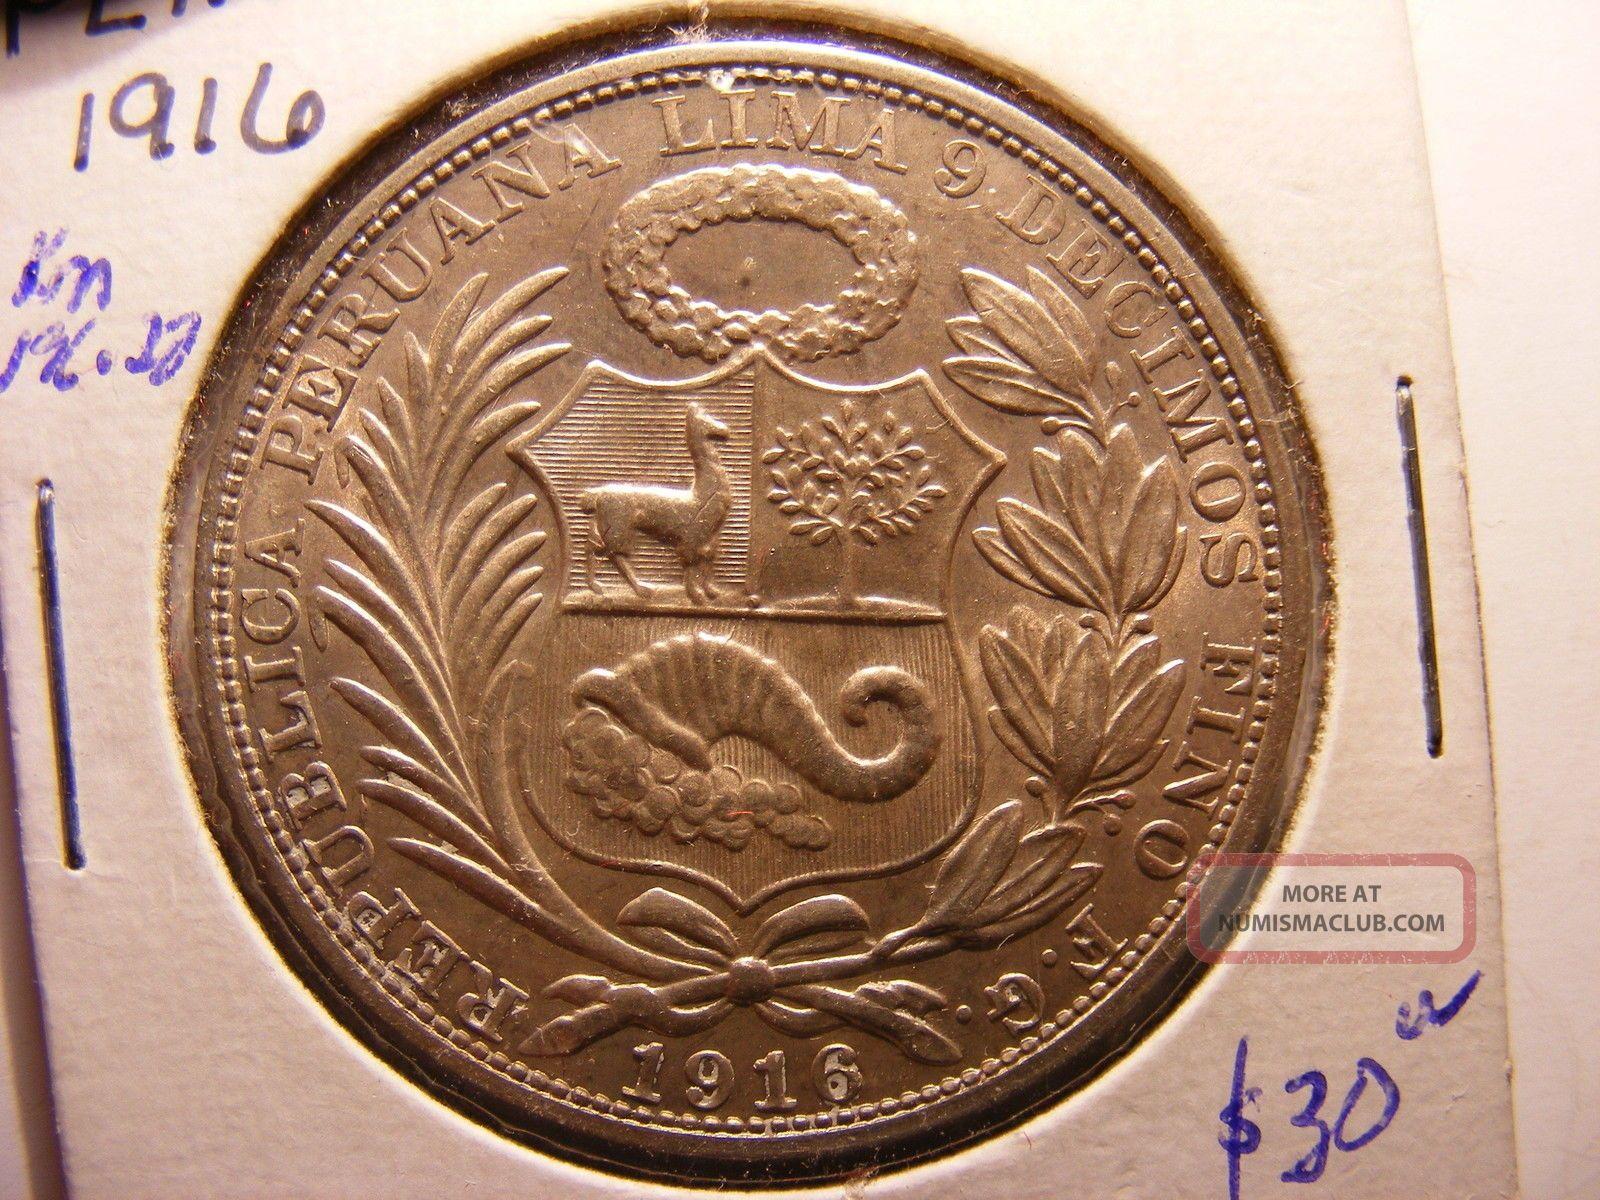 Peru Silver 1 Sol,  1916 - Fg,  Uncirculated Peru photo